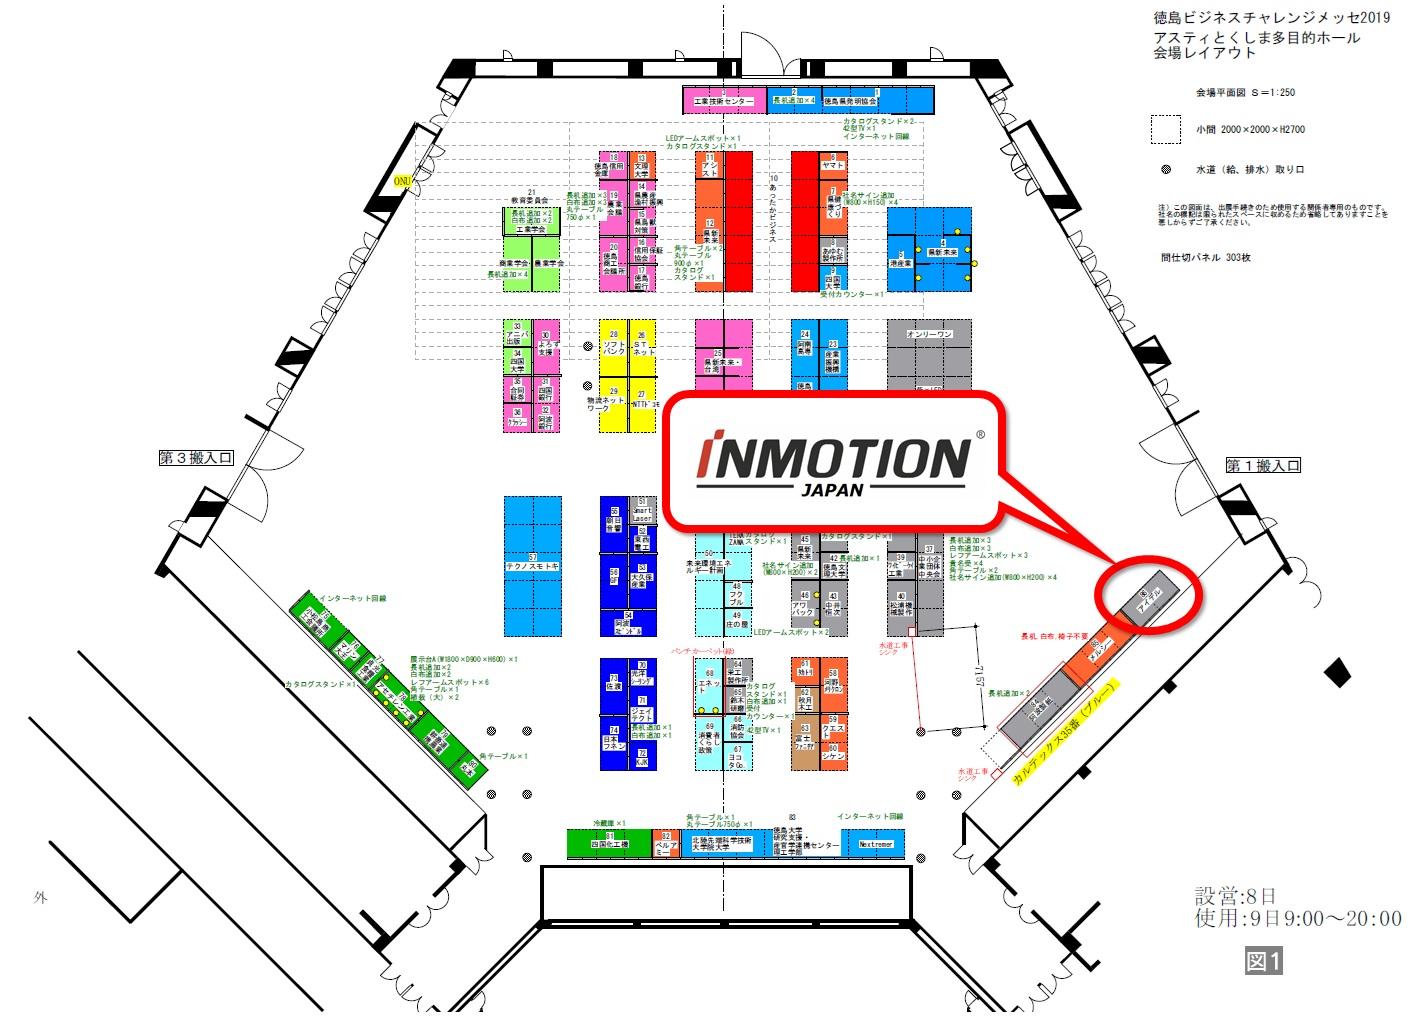 InmotionJapanattend徳島ビジネスチャレンジメッセ2019